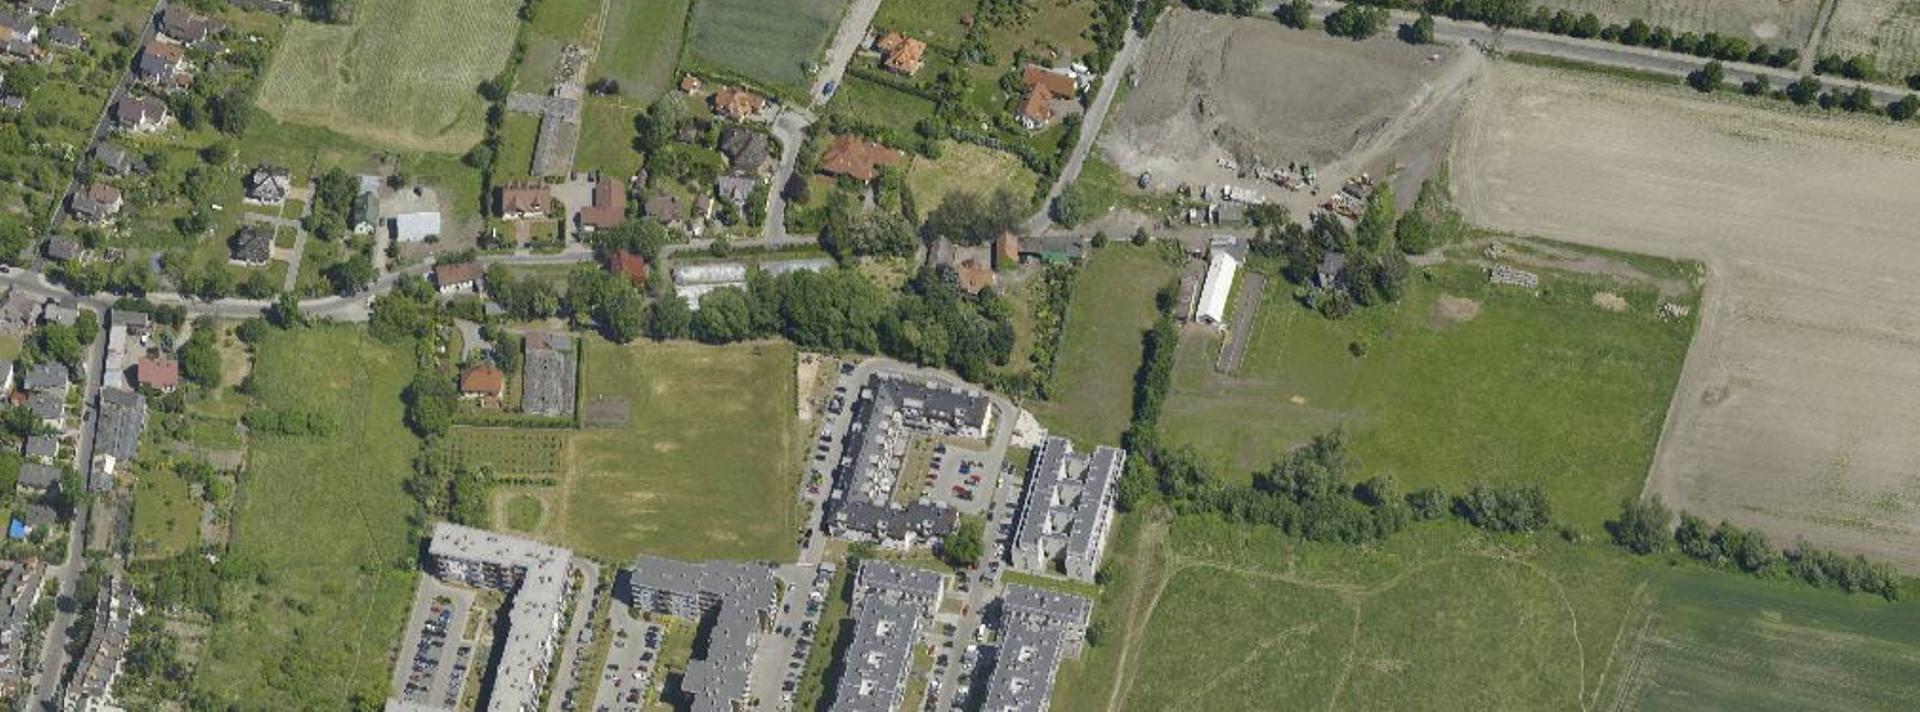 Wrocław: Lokum Deweloper płaci ponad 20 milionów za grunt pod kilkaset mieszkań na Zakrzowie